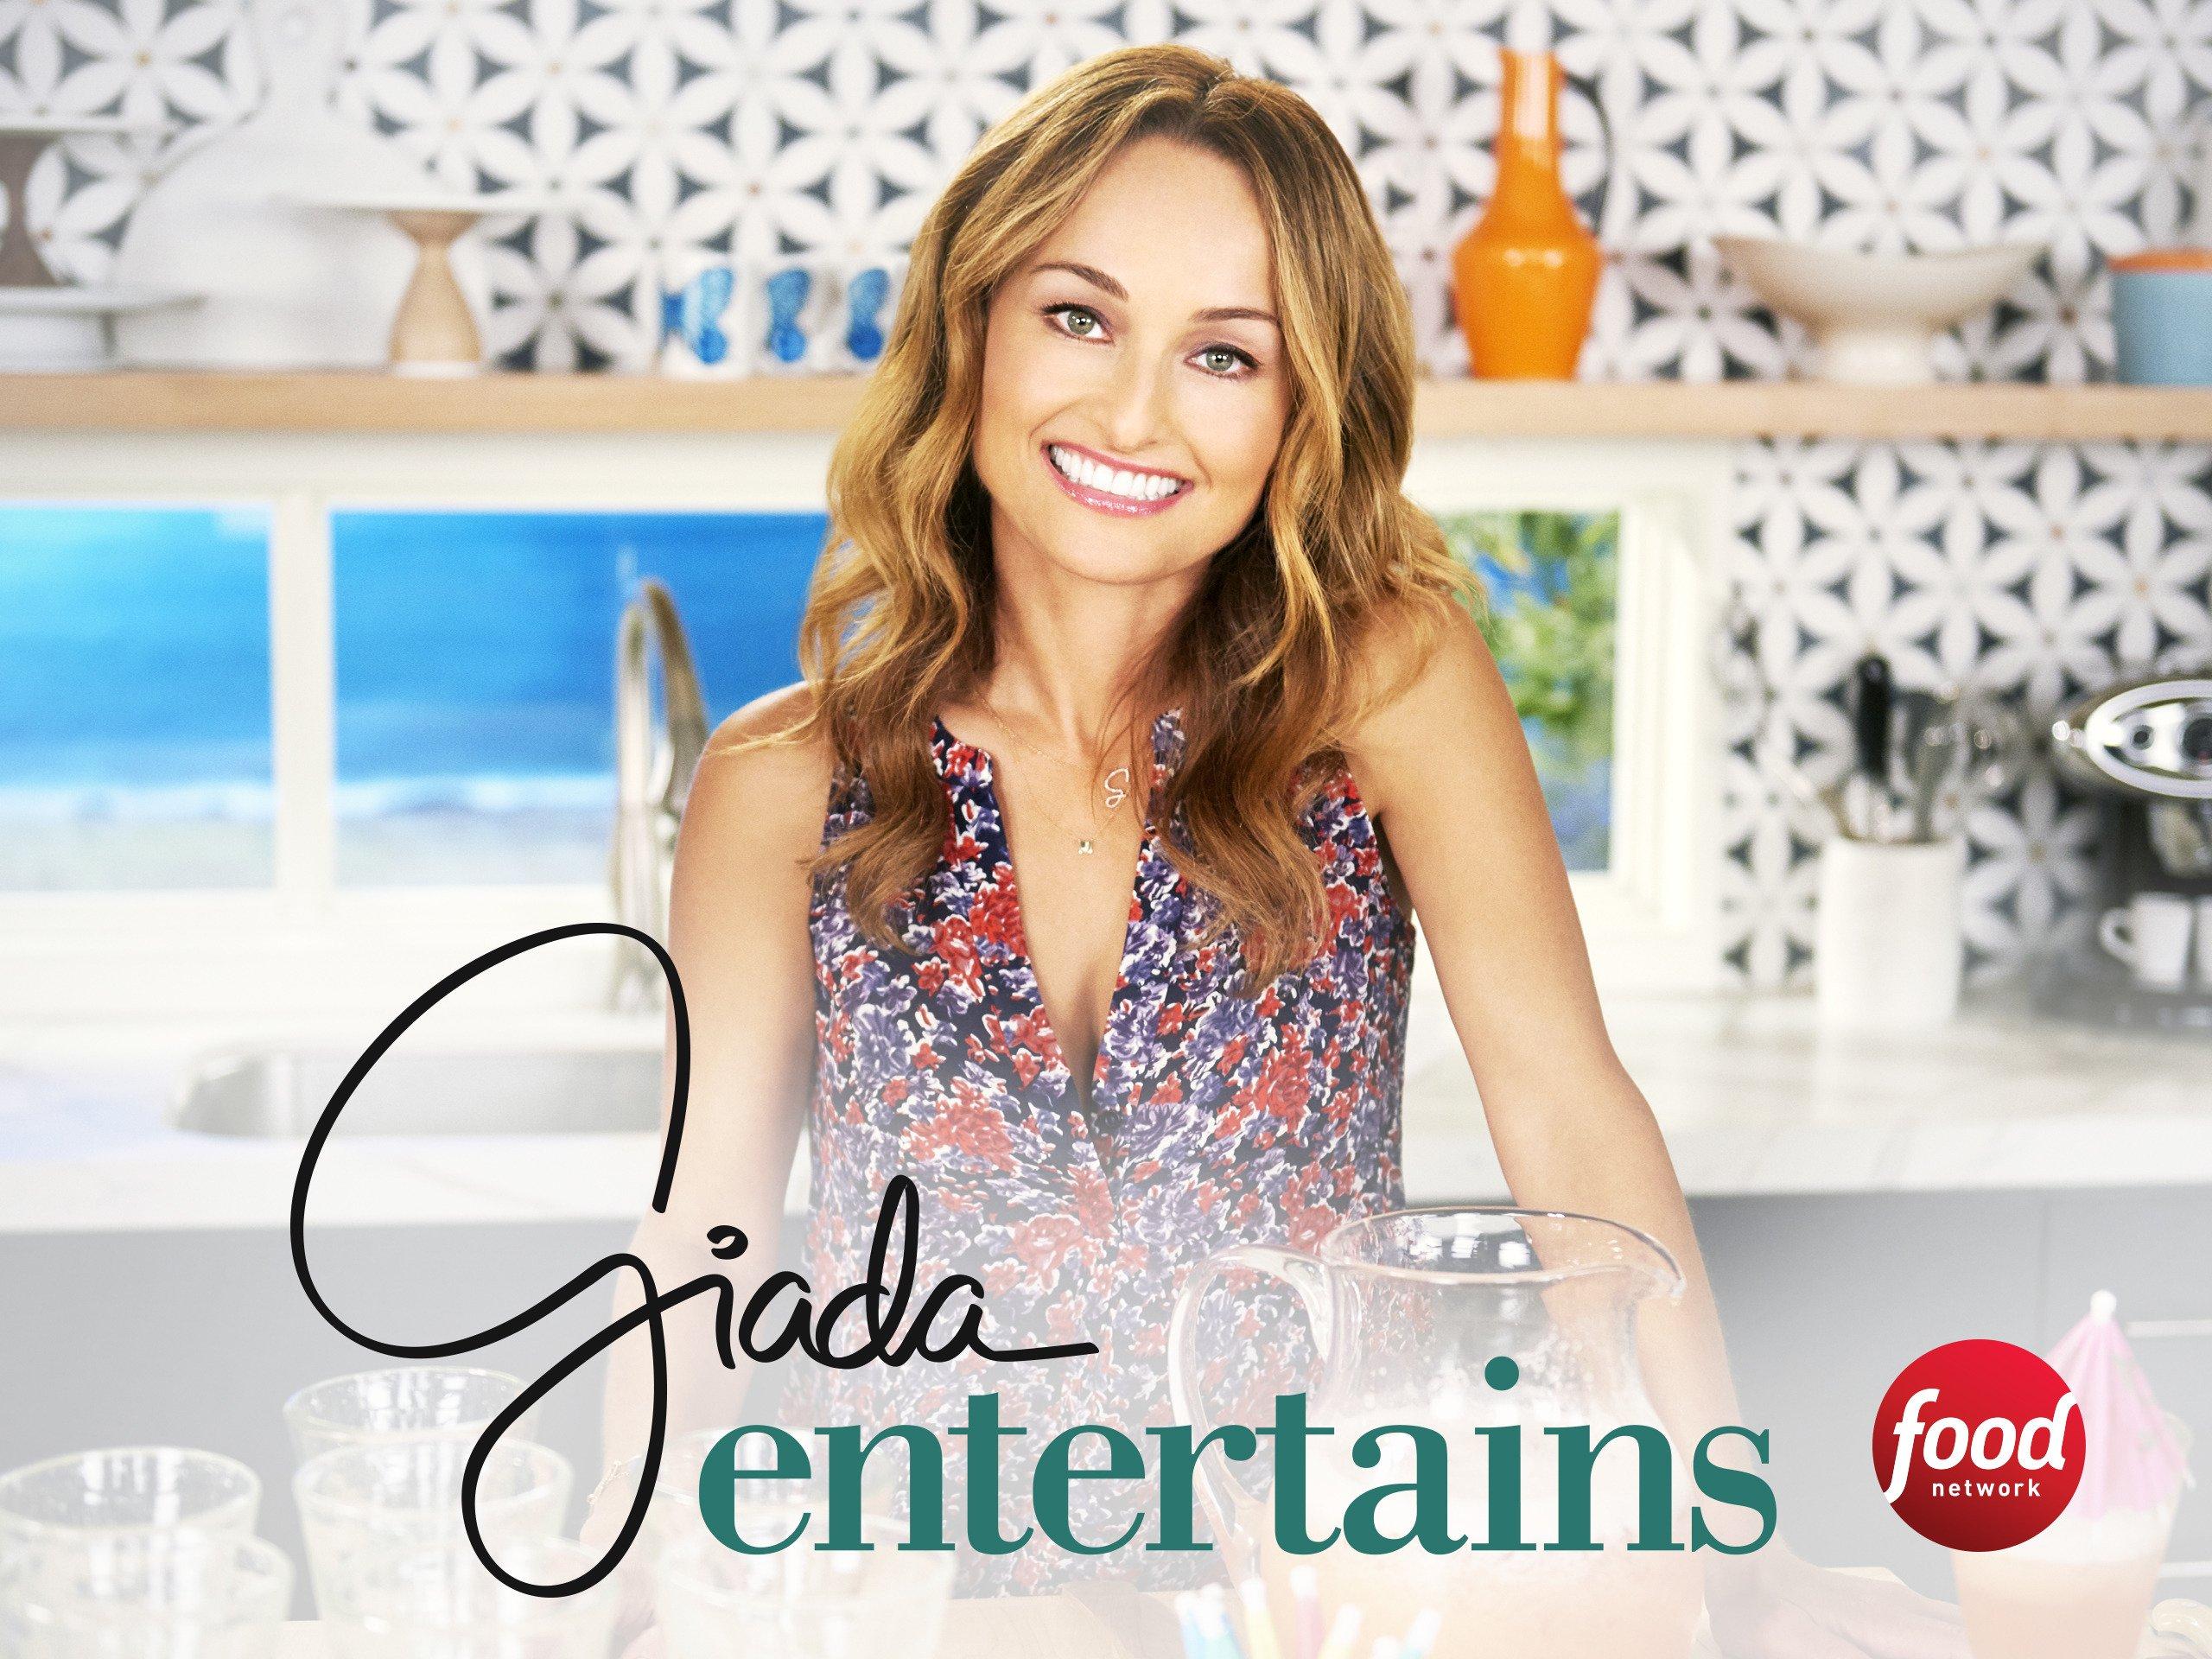 giada entertains food network